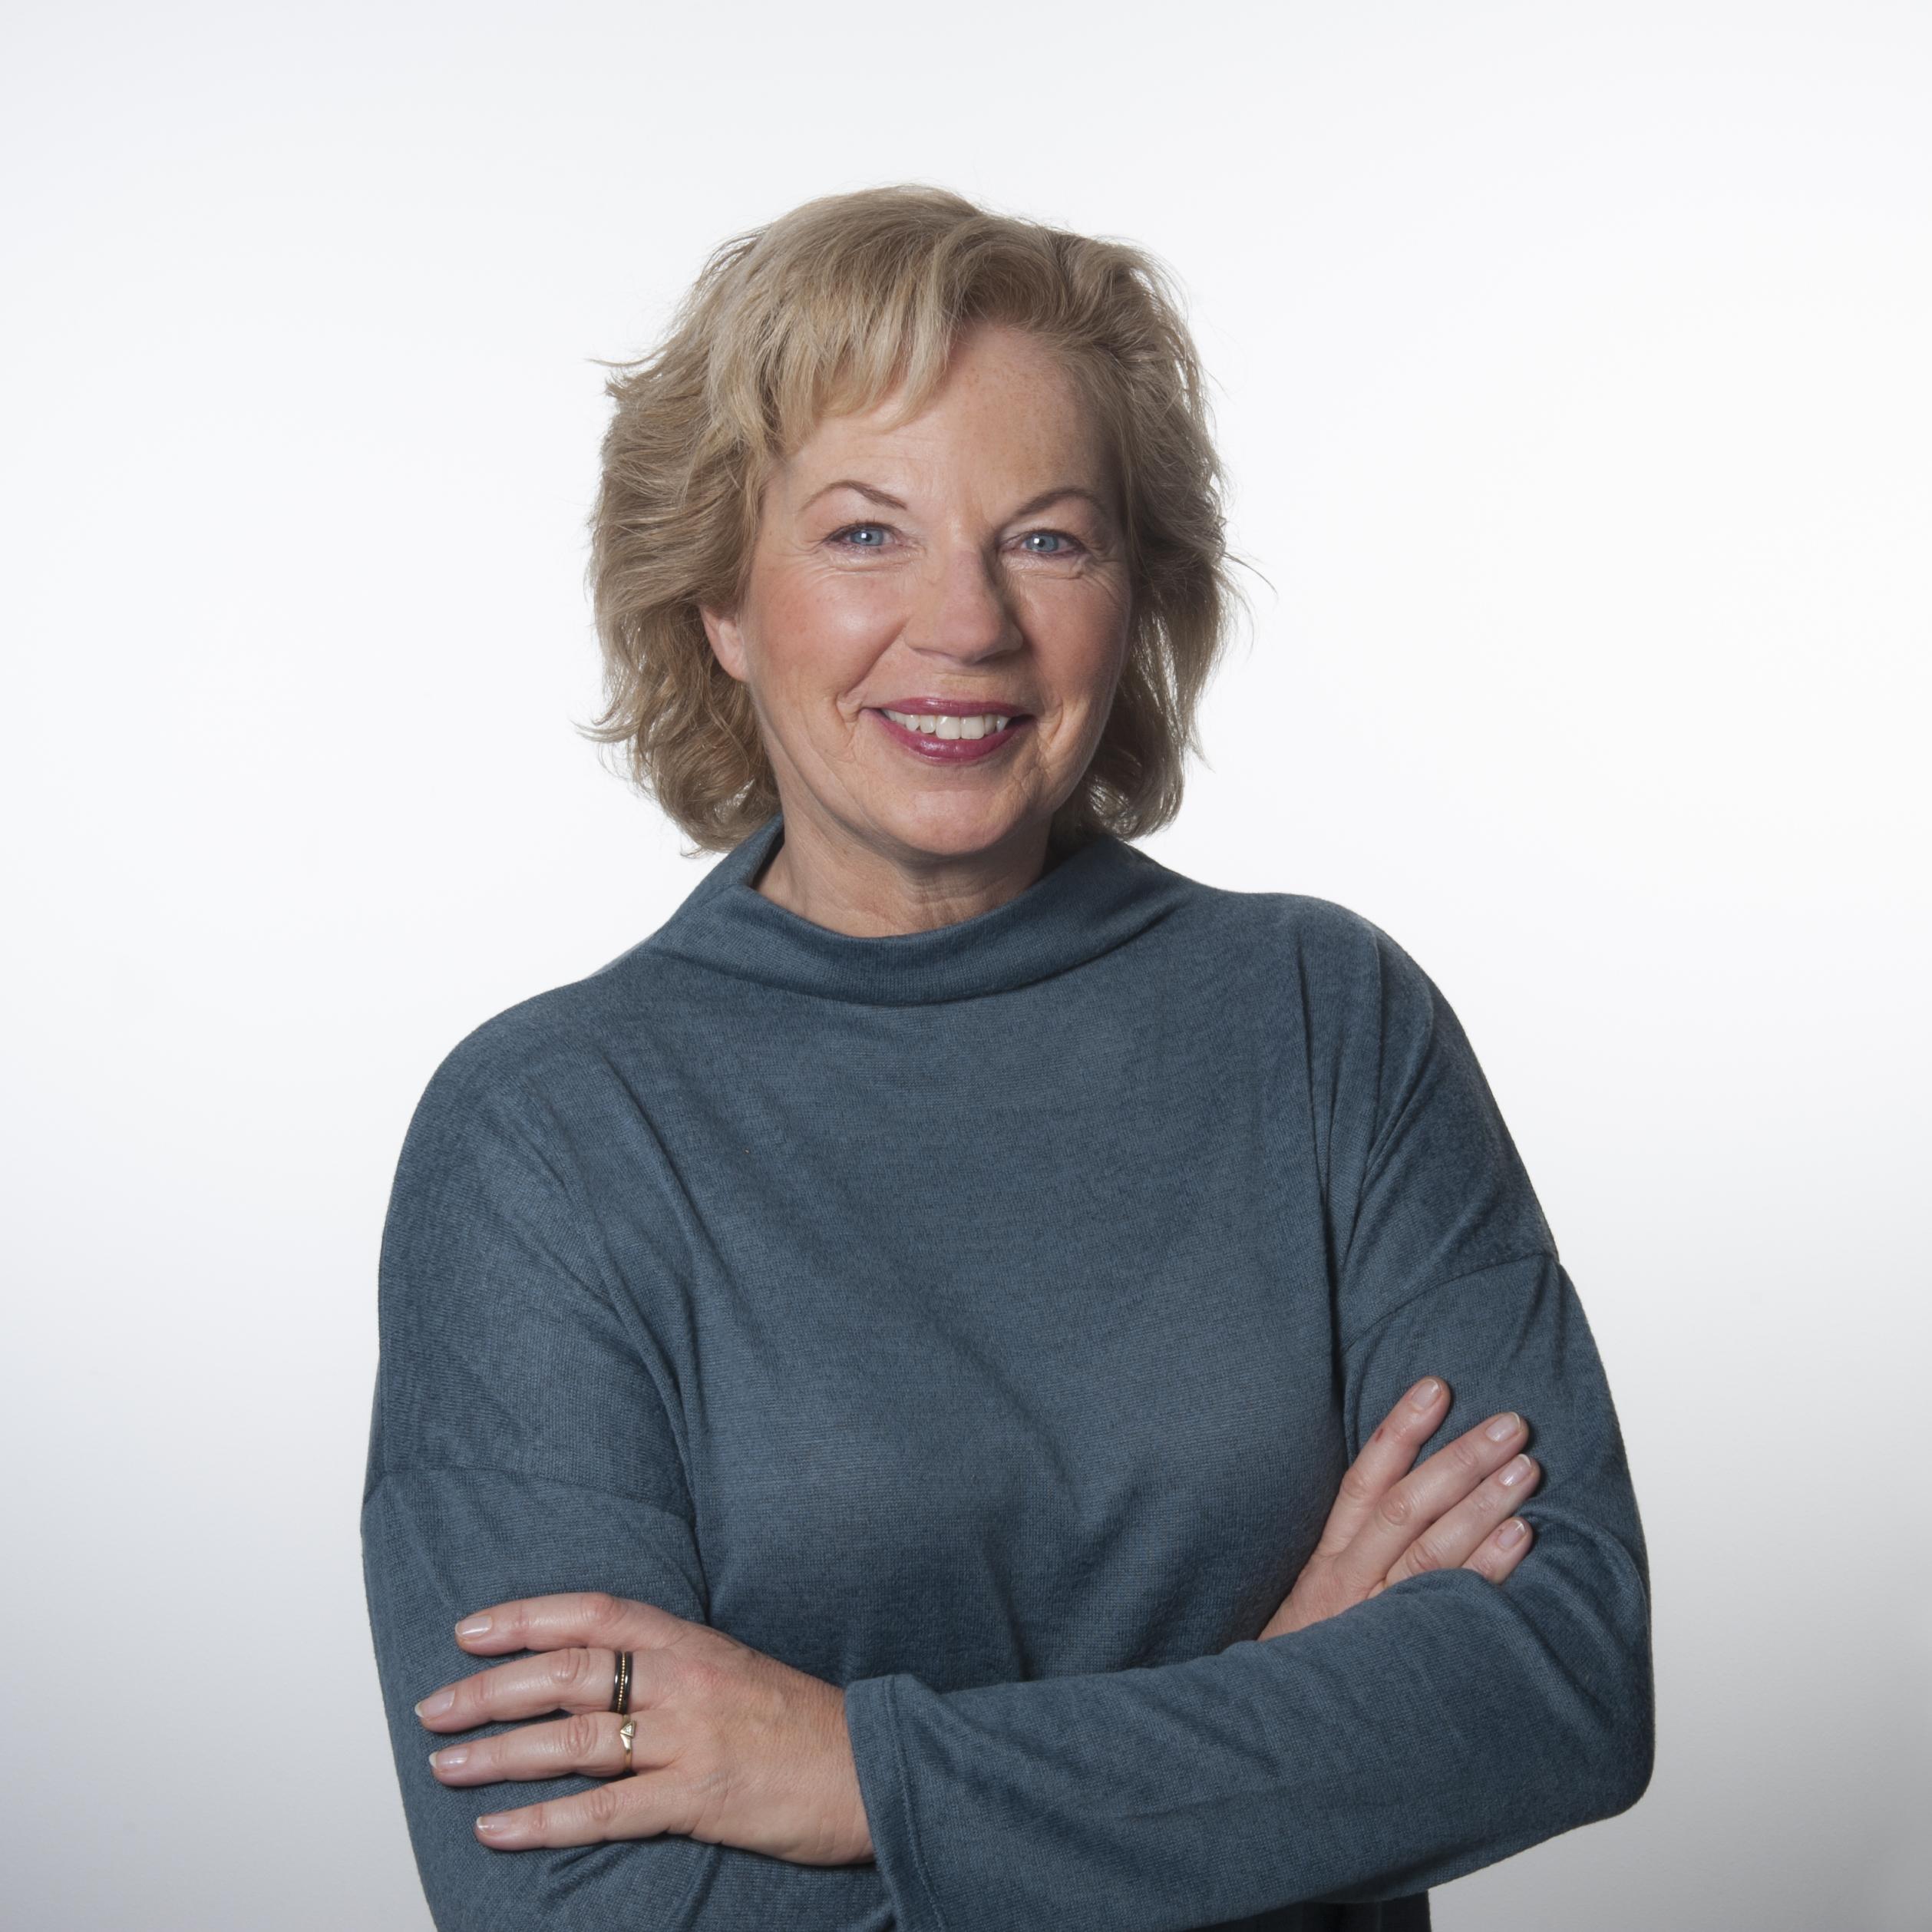 Monique Helfrich